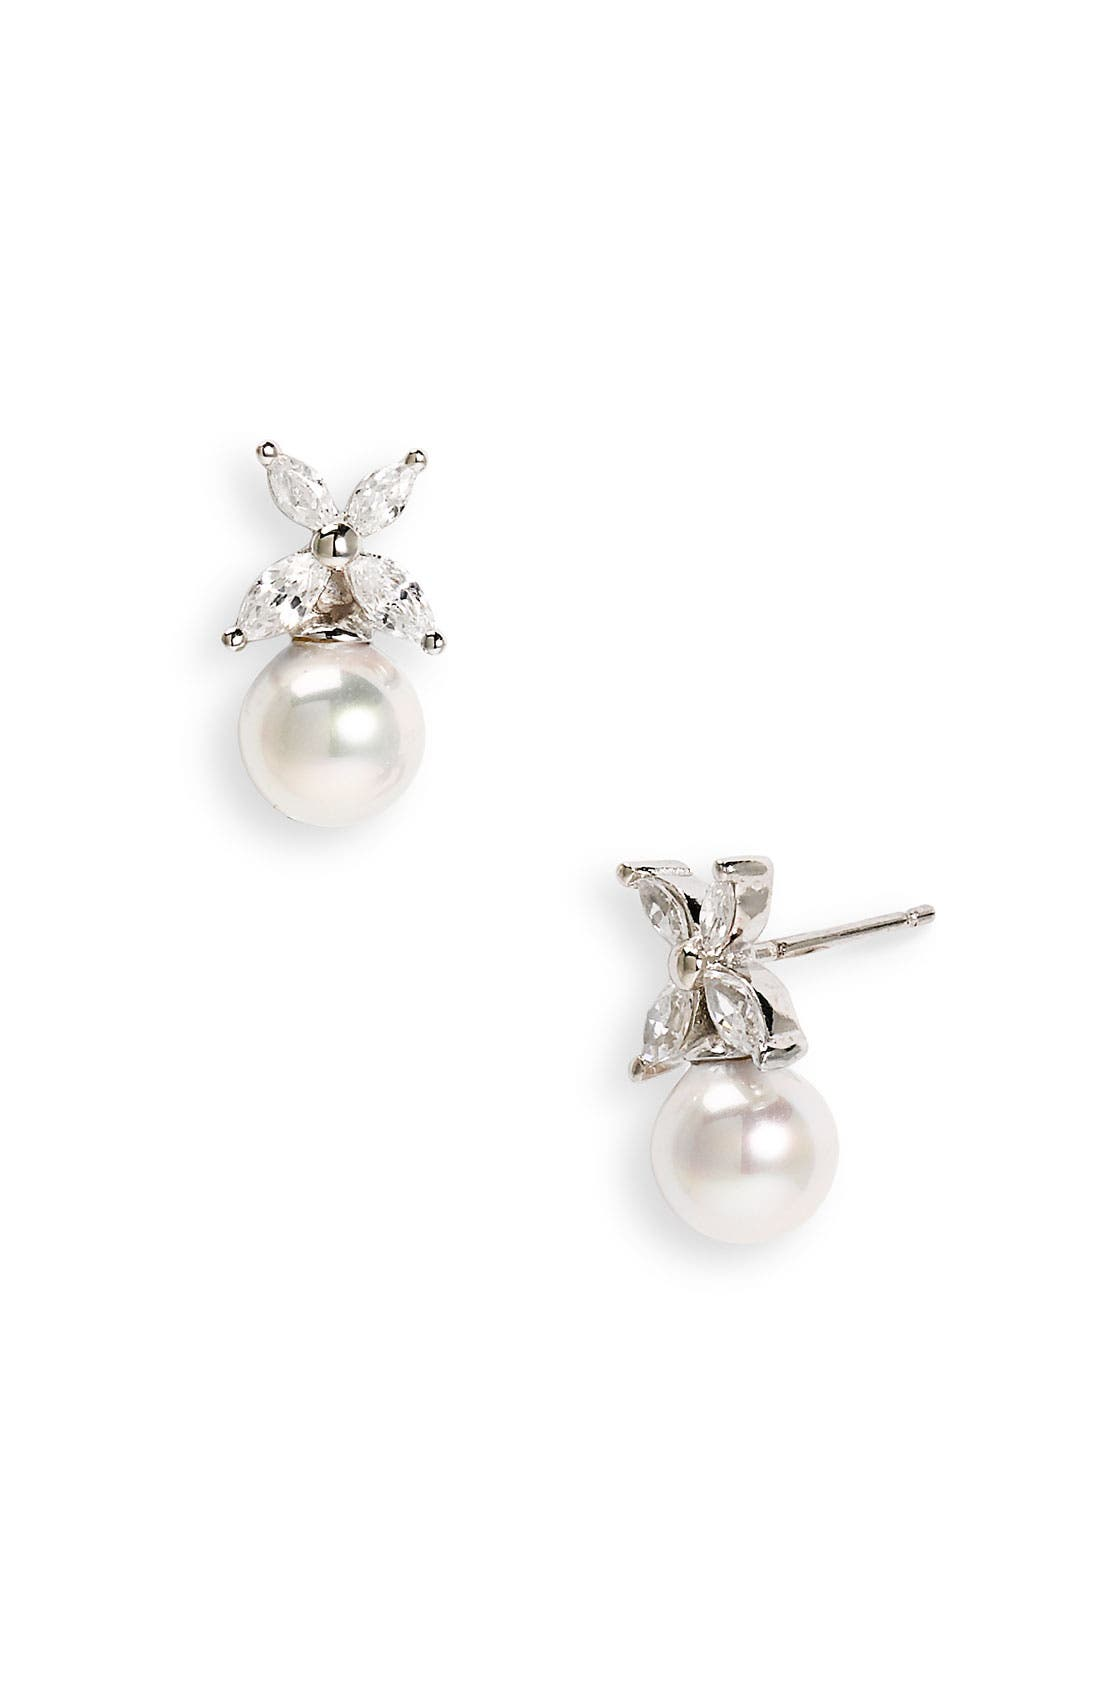 Alternate Image 1 Selected - Majorica 8mm Pearl & Cubic Zirconia Flower Earrings